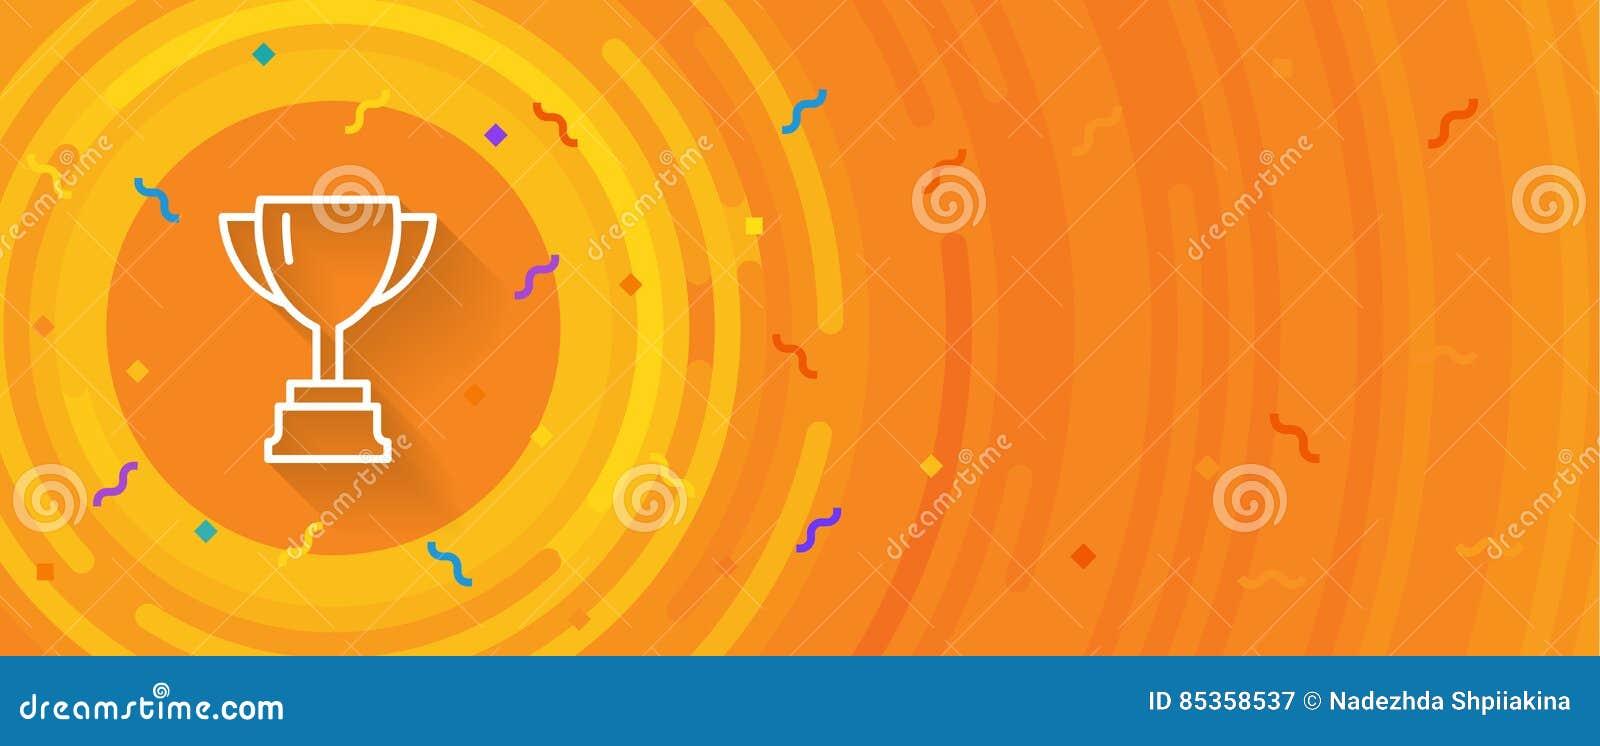 winner sign congratulations win banner stock vector illustration